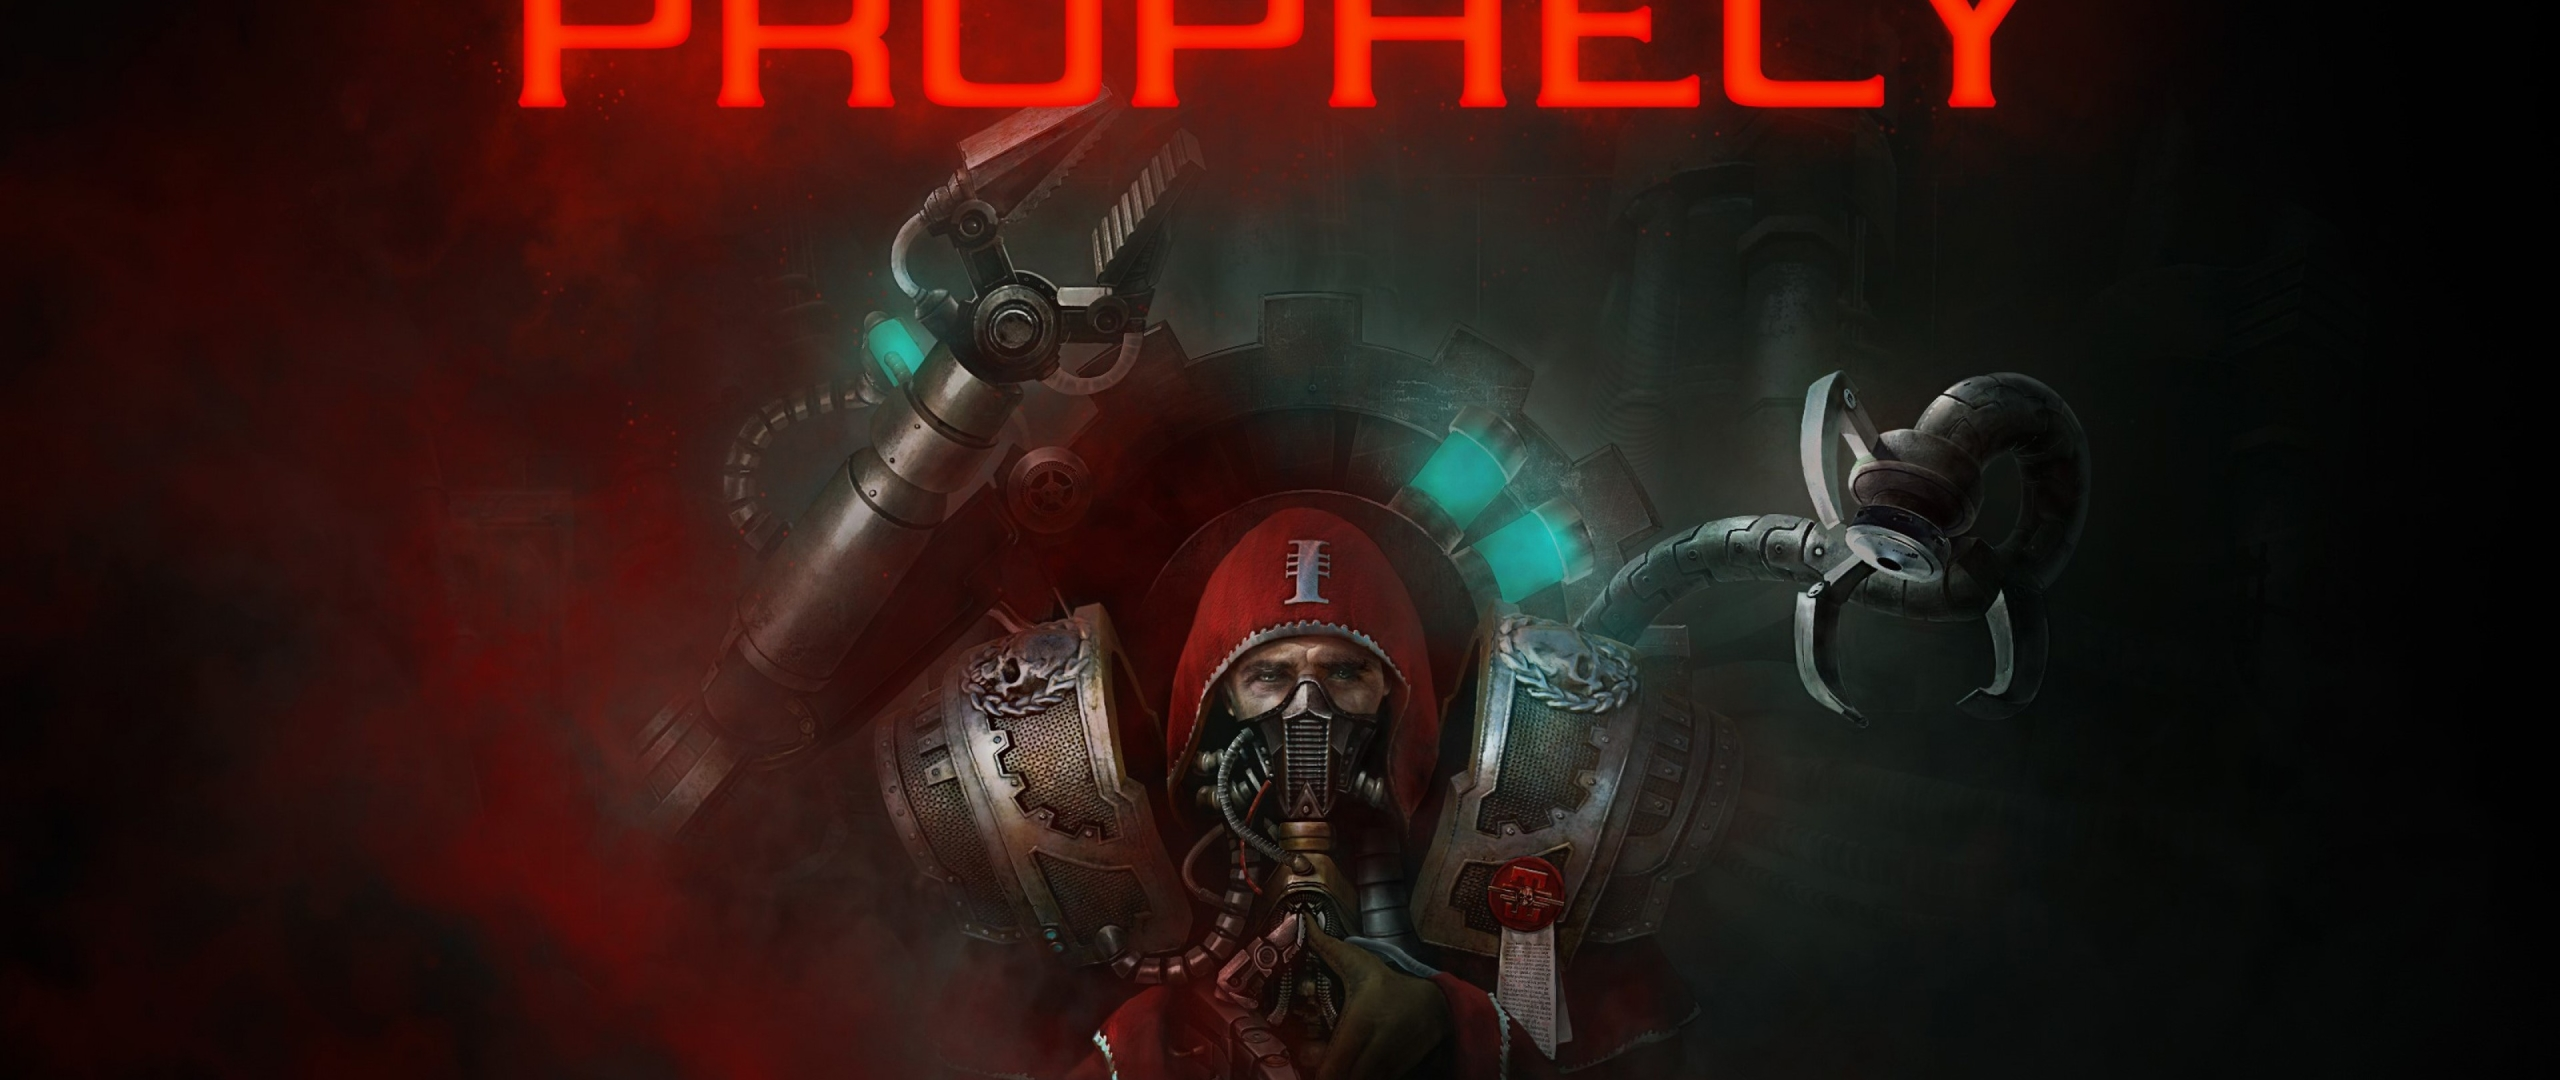 2560x1080 Prophecy Warhammer 40K Inquisitor 2560x1080 Resolution 2560x1080